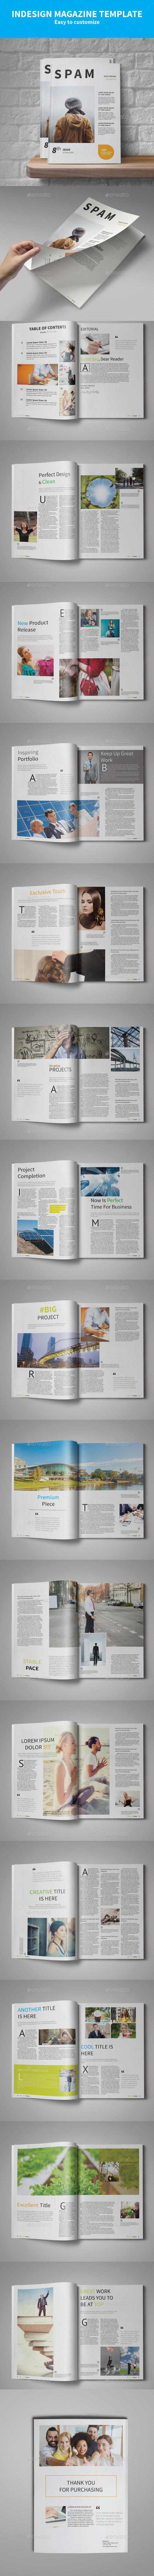 Spam Multipurpose - Magazines Print Templates